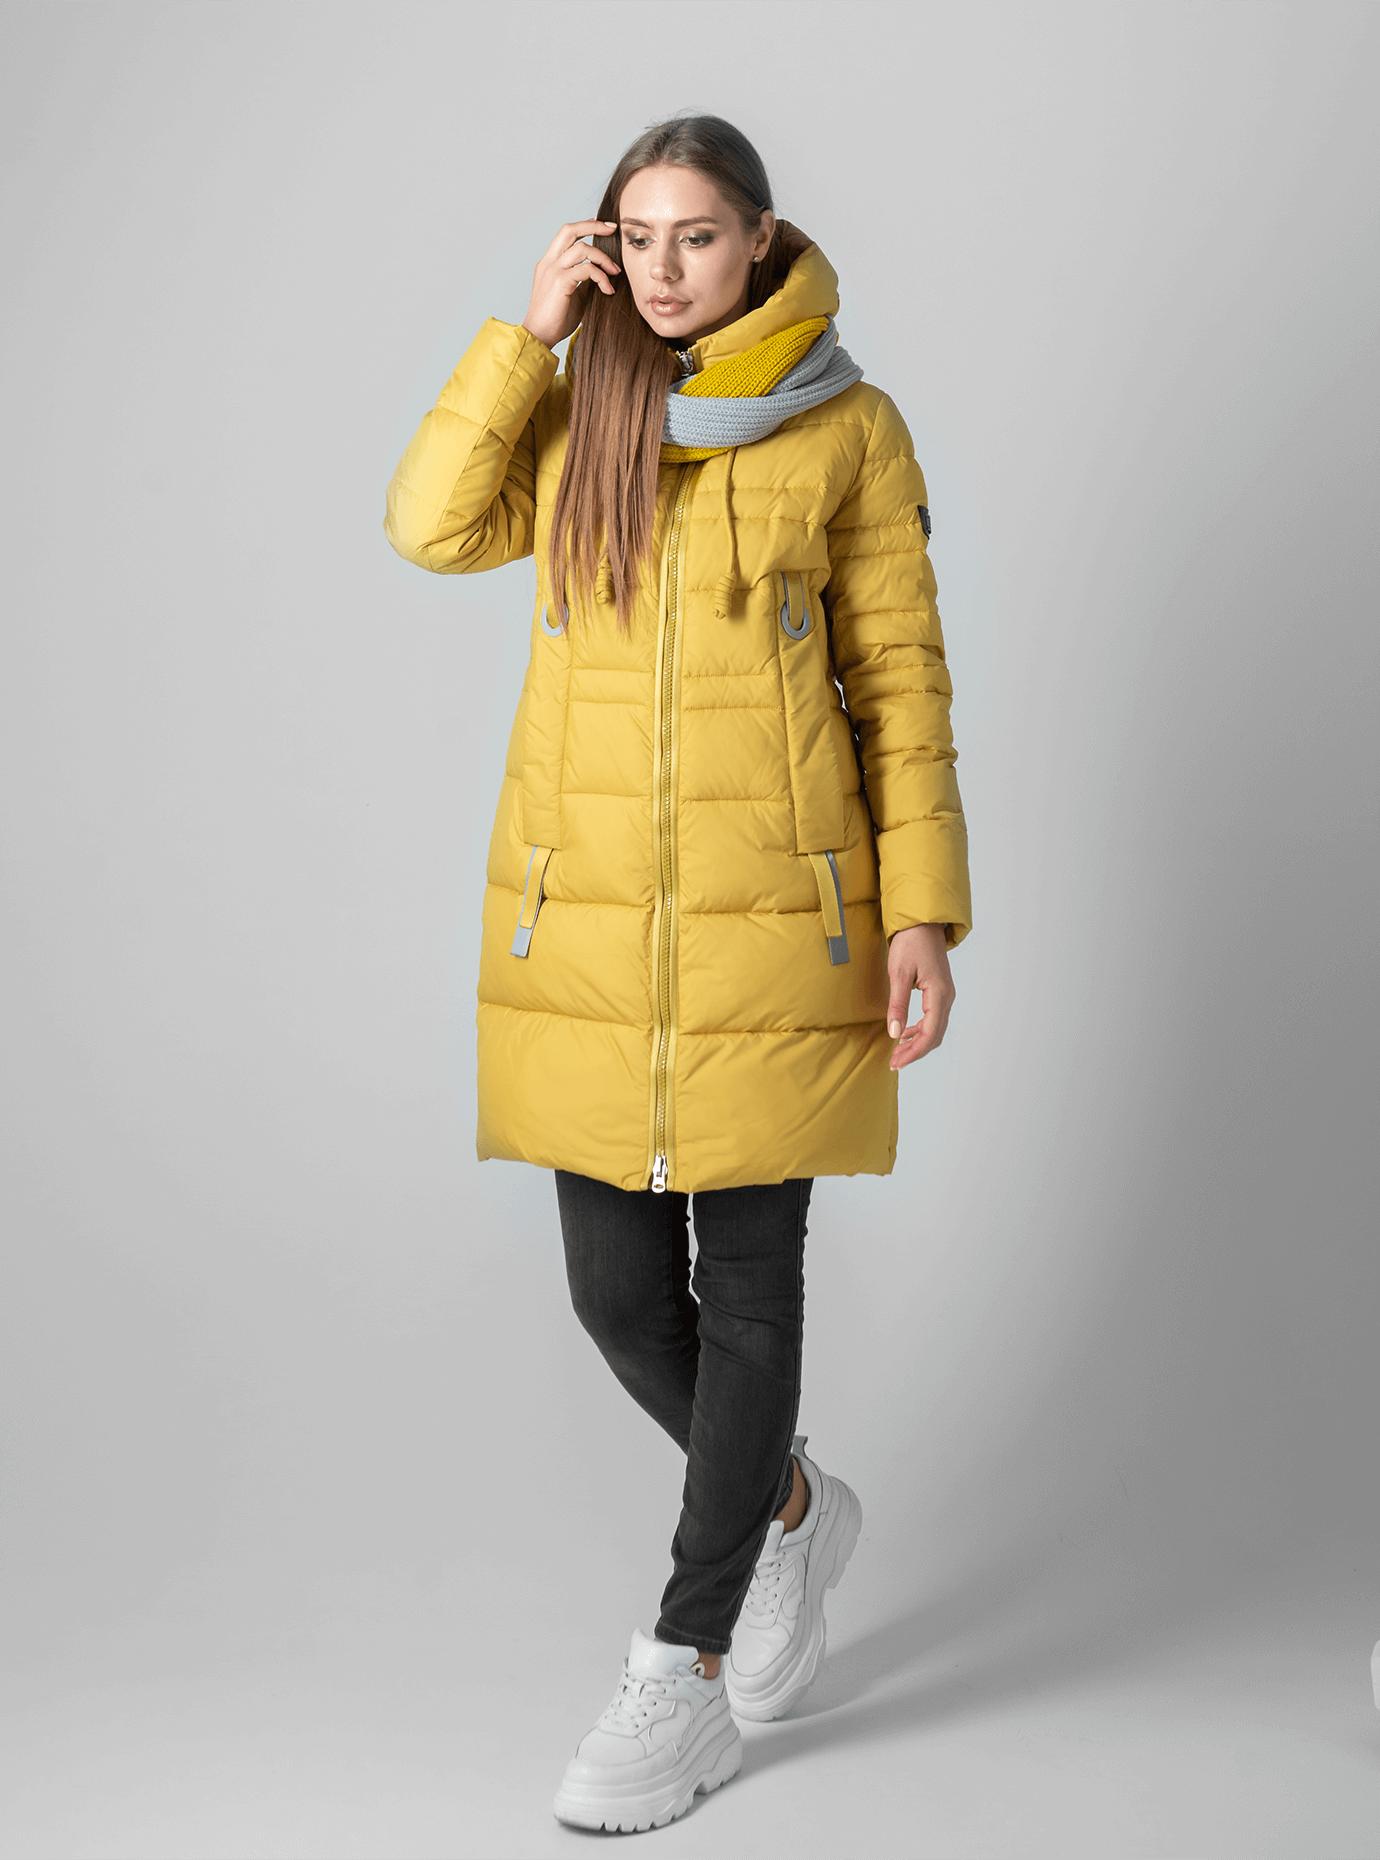 Женская зимняя куртка-снуд Жёлтый XL (02-190190): фото - Alster.ua